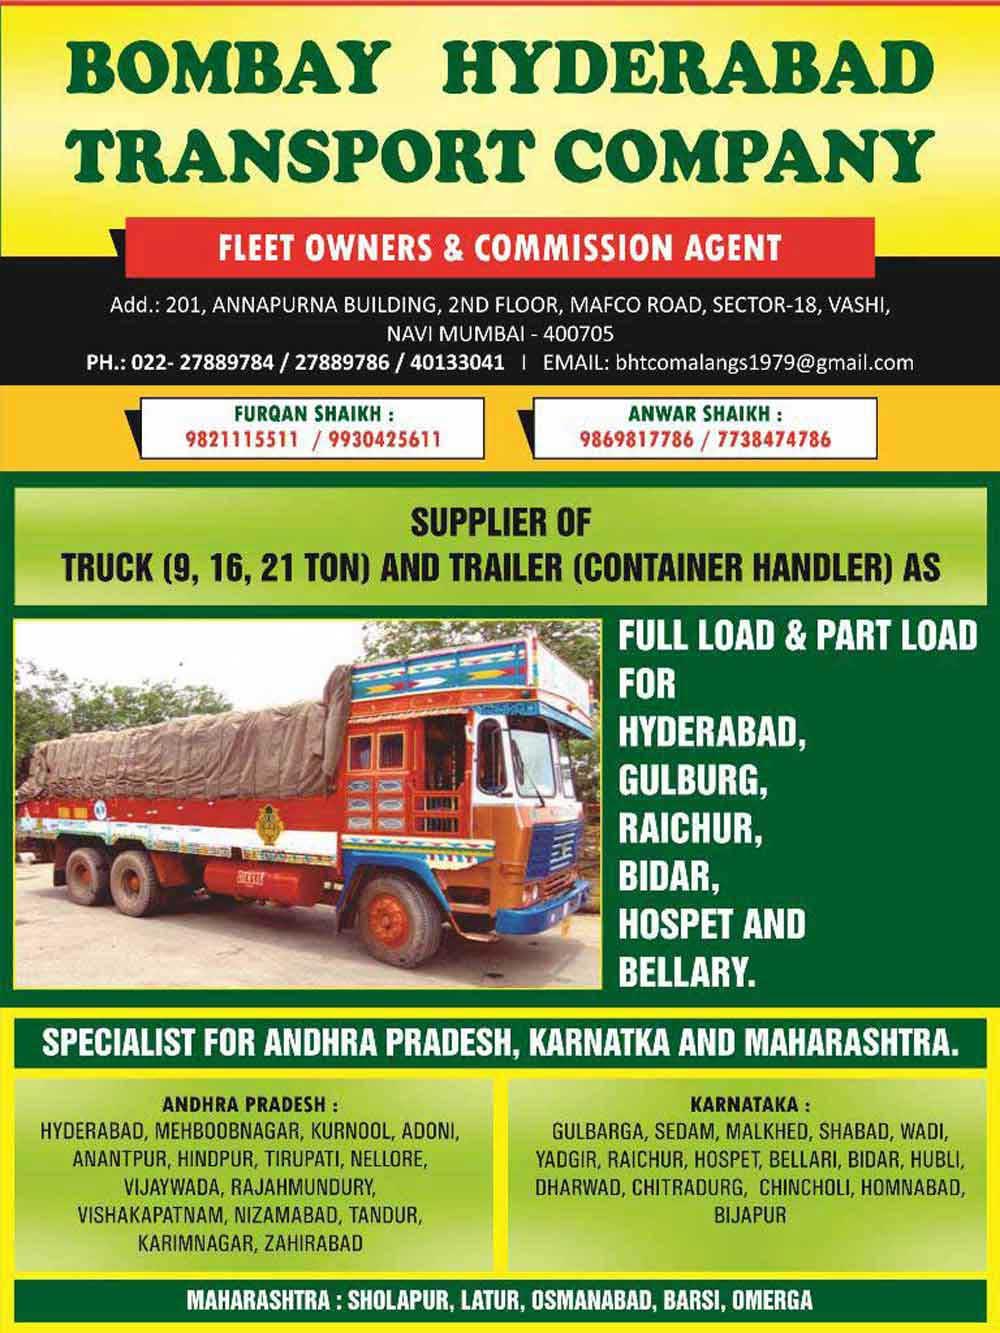 Bombay Hyderabad Transport Company